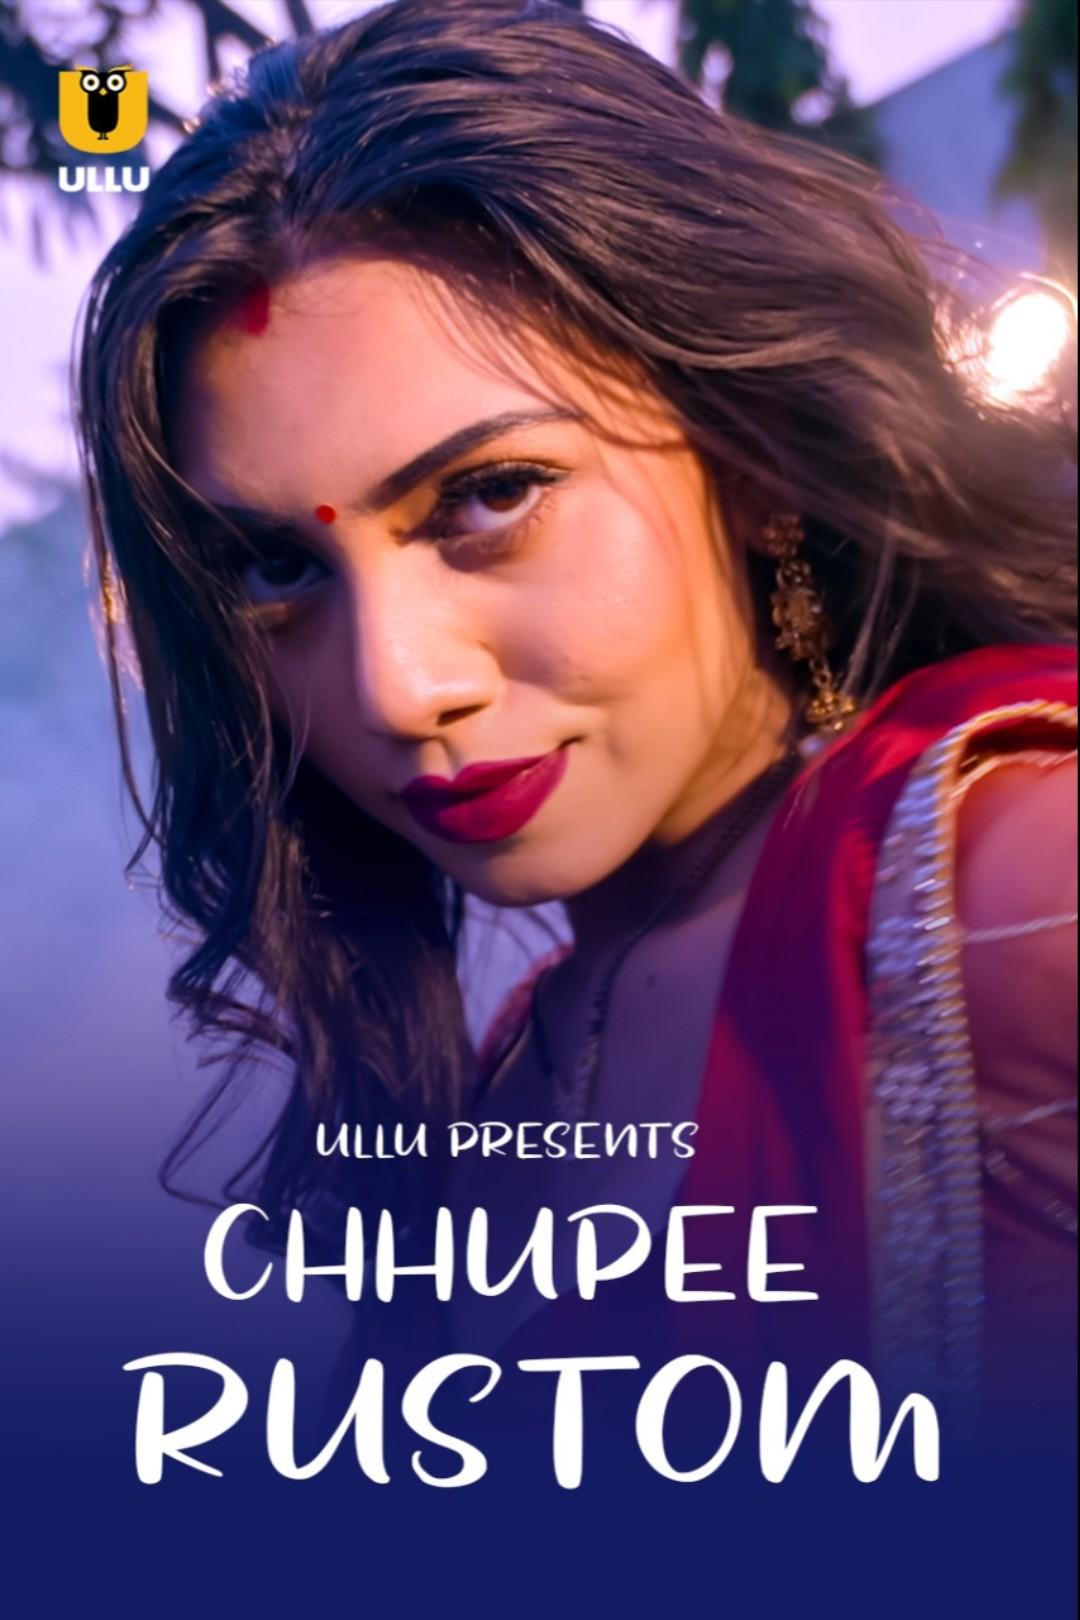 Chhupee Rustom 2021 S01 Hindi Ullu Originals Complete Web Series 720p HDRip Download